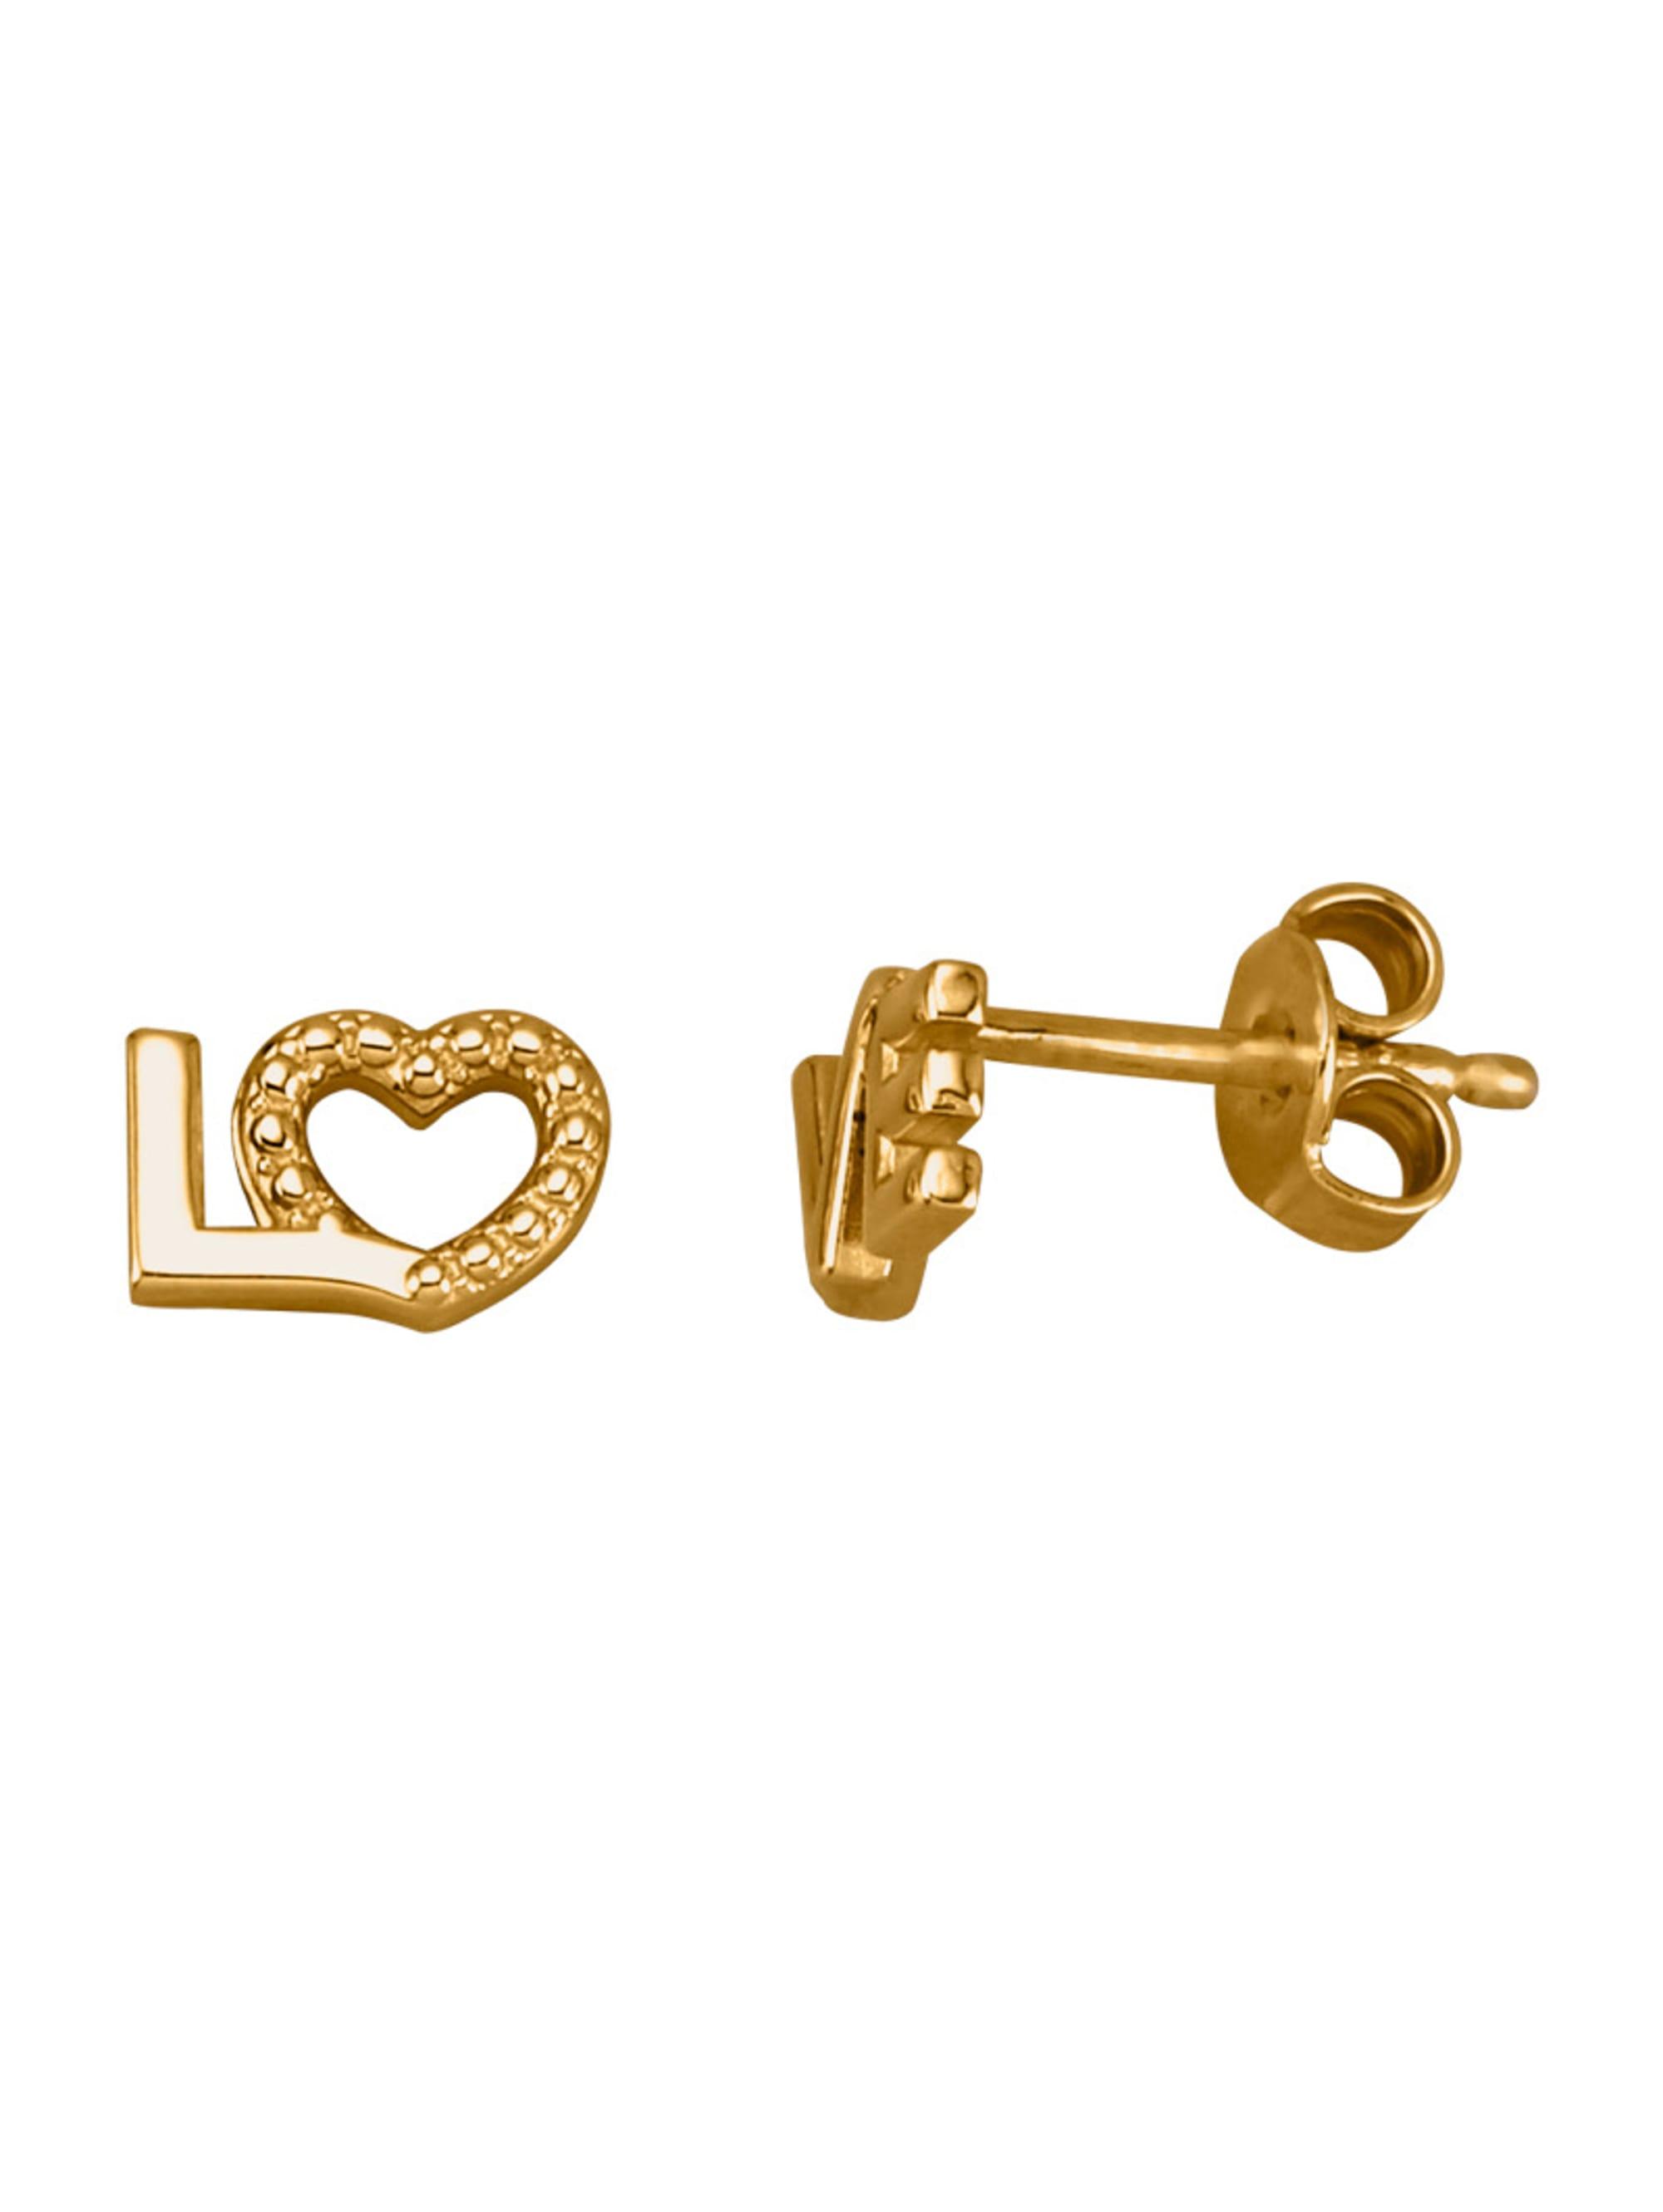 Ohrstecker 'Love' in Massiv Gelbgold 375 XkoSu